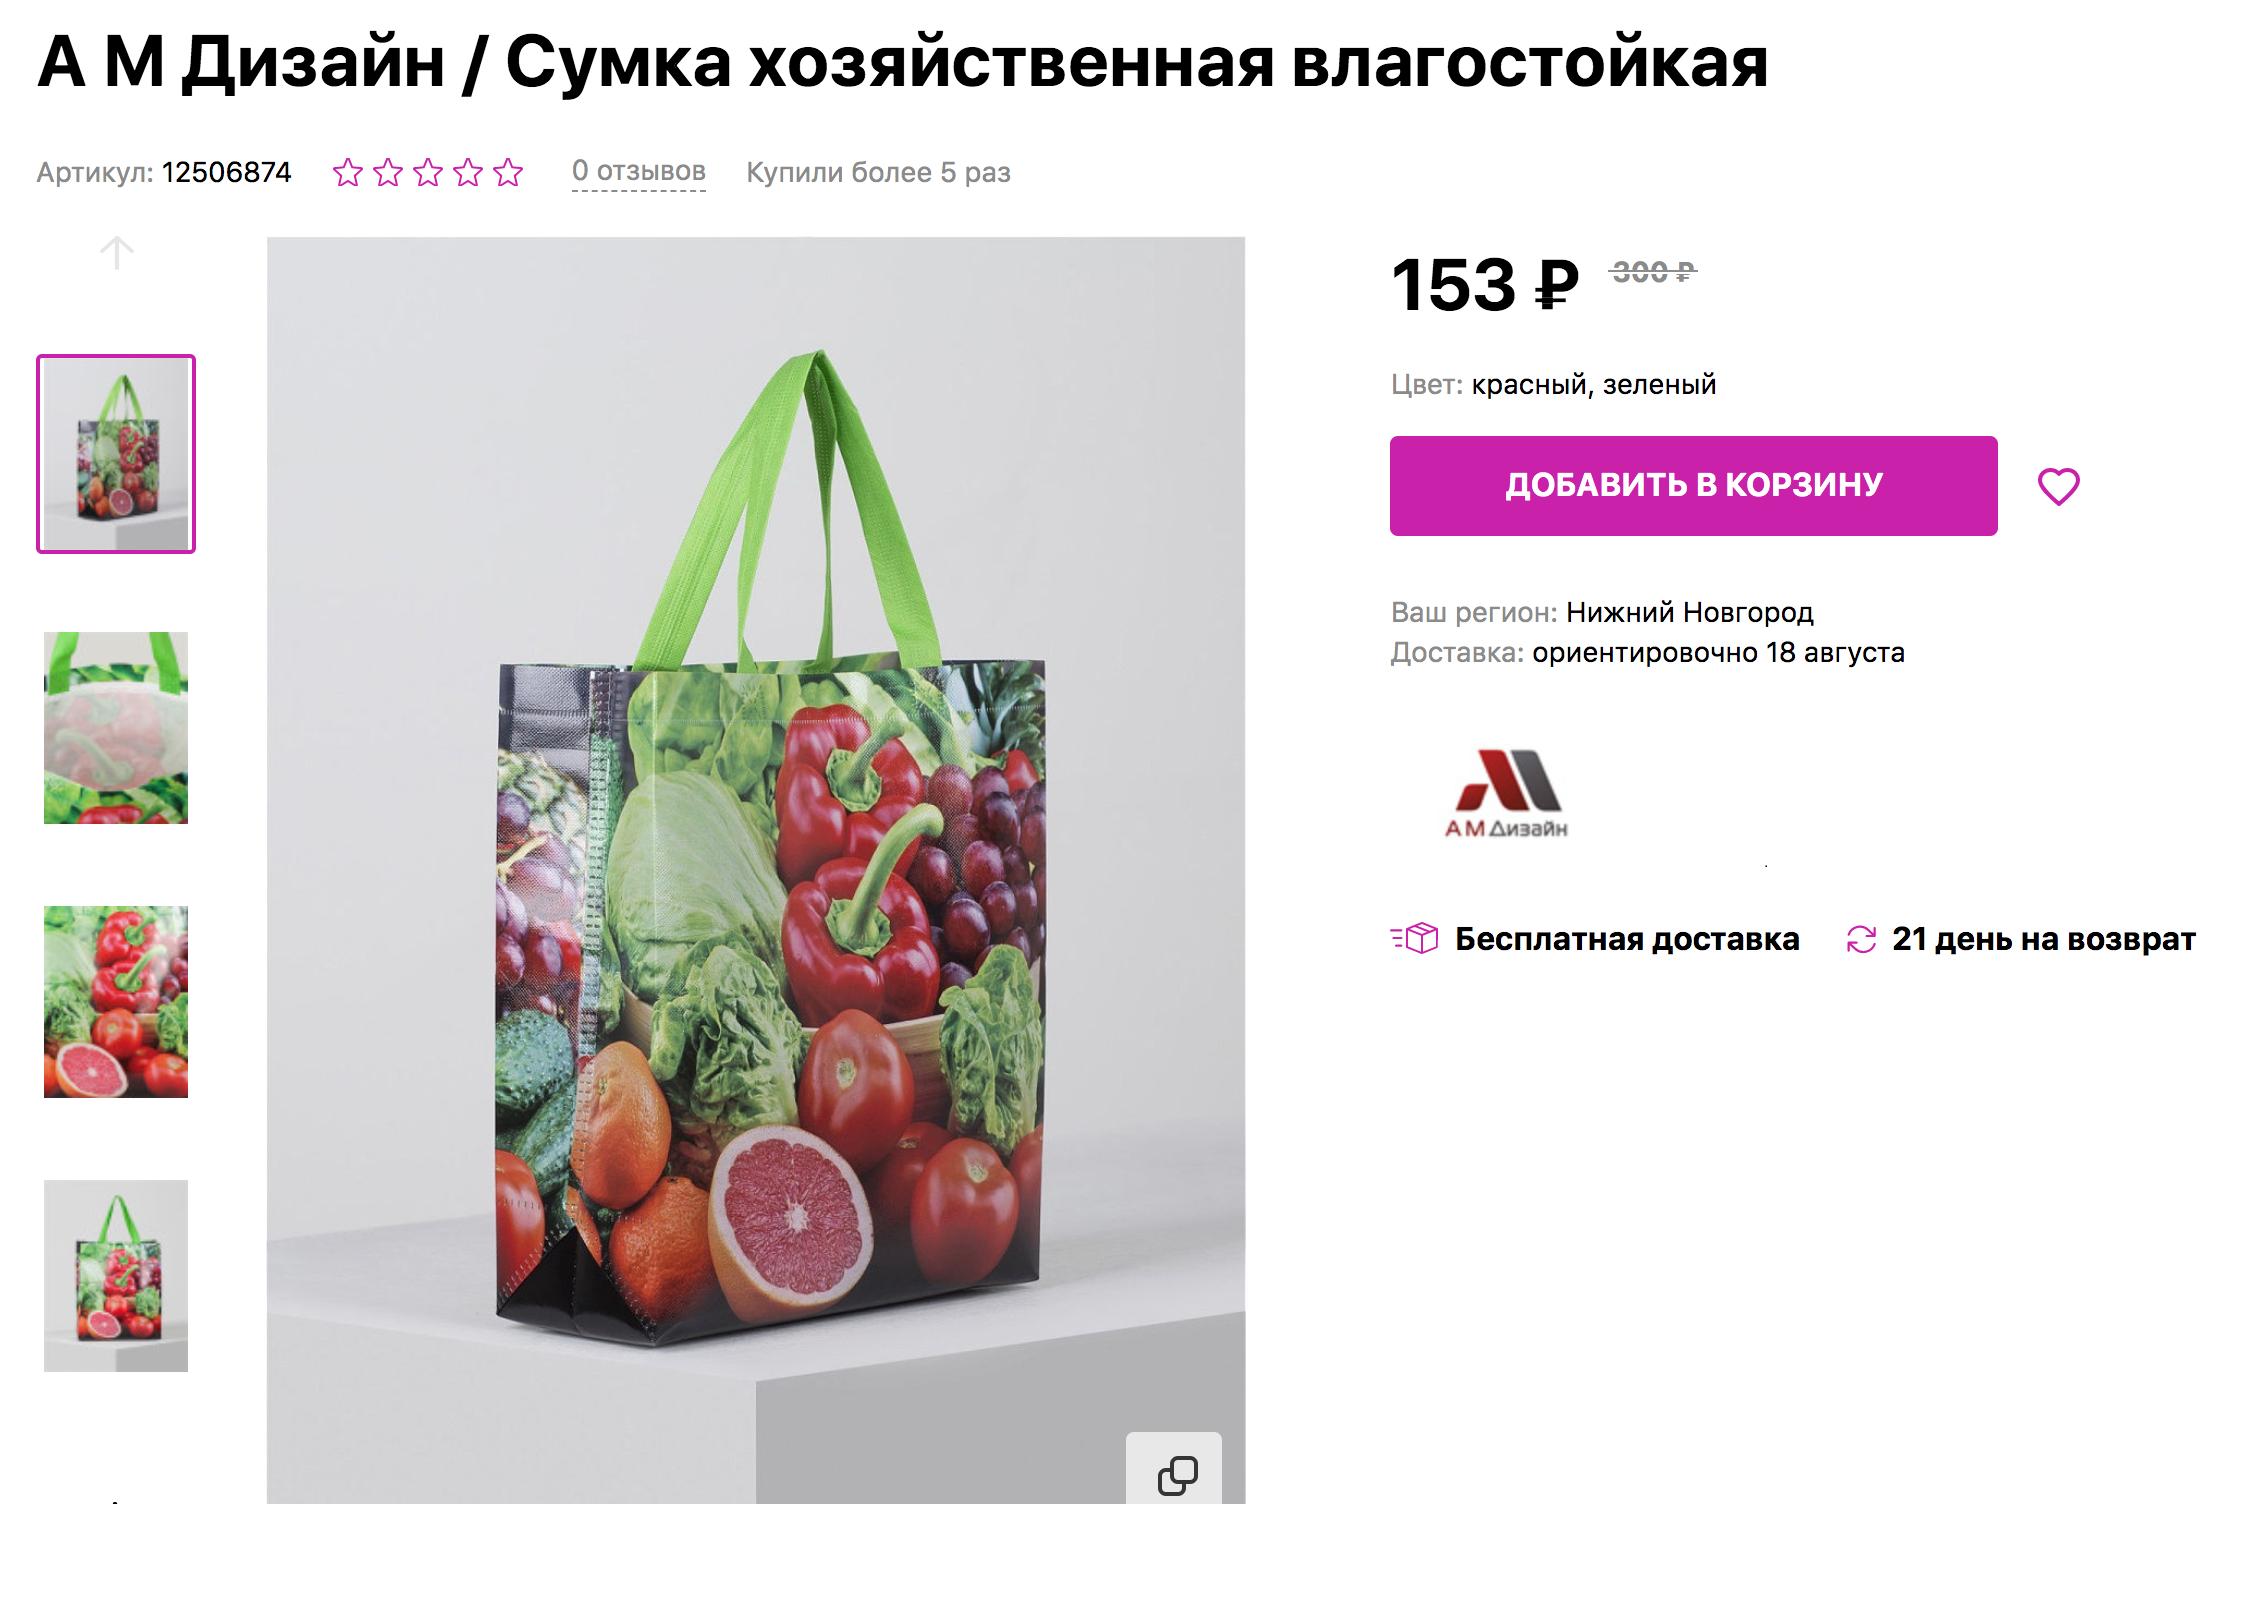 Хозяйственная сумка из полипропилена. Аналогичные продают вгипермаркетах ипродуктовых сетях: в«Ленте», «Ашане», «Пятерочке», «Метро» идругих